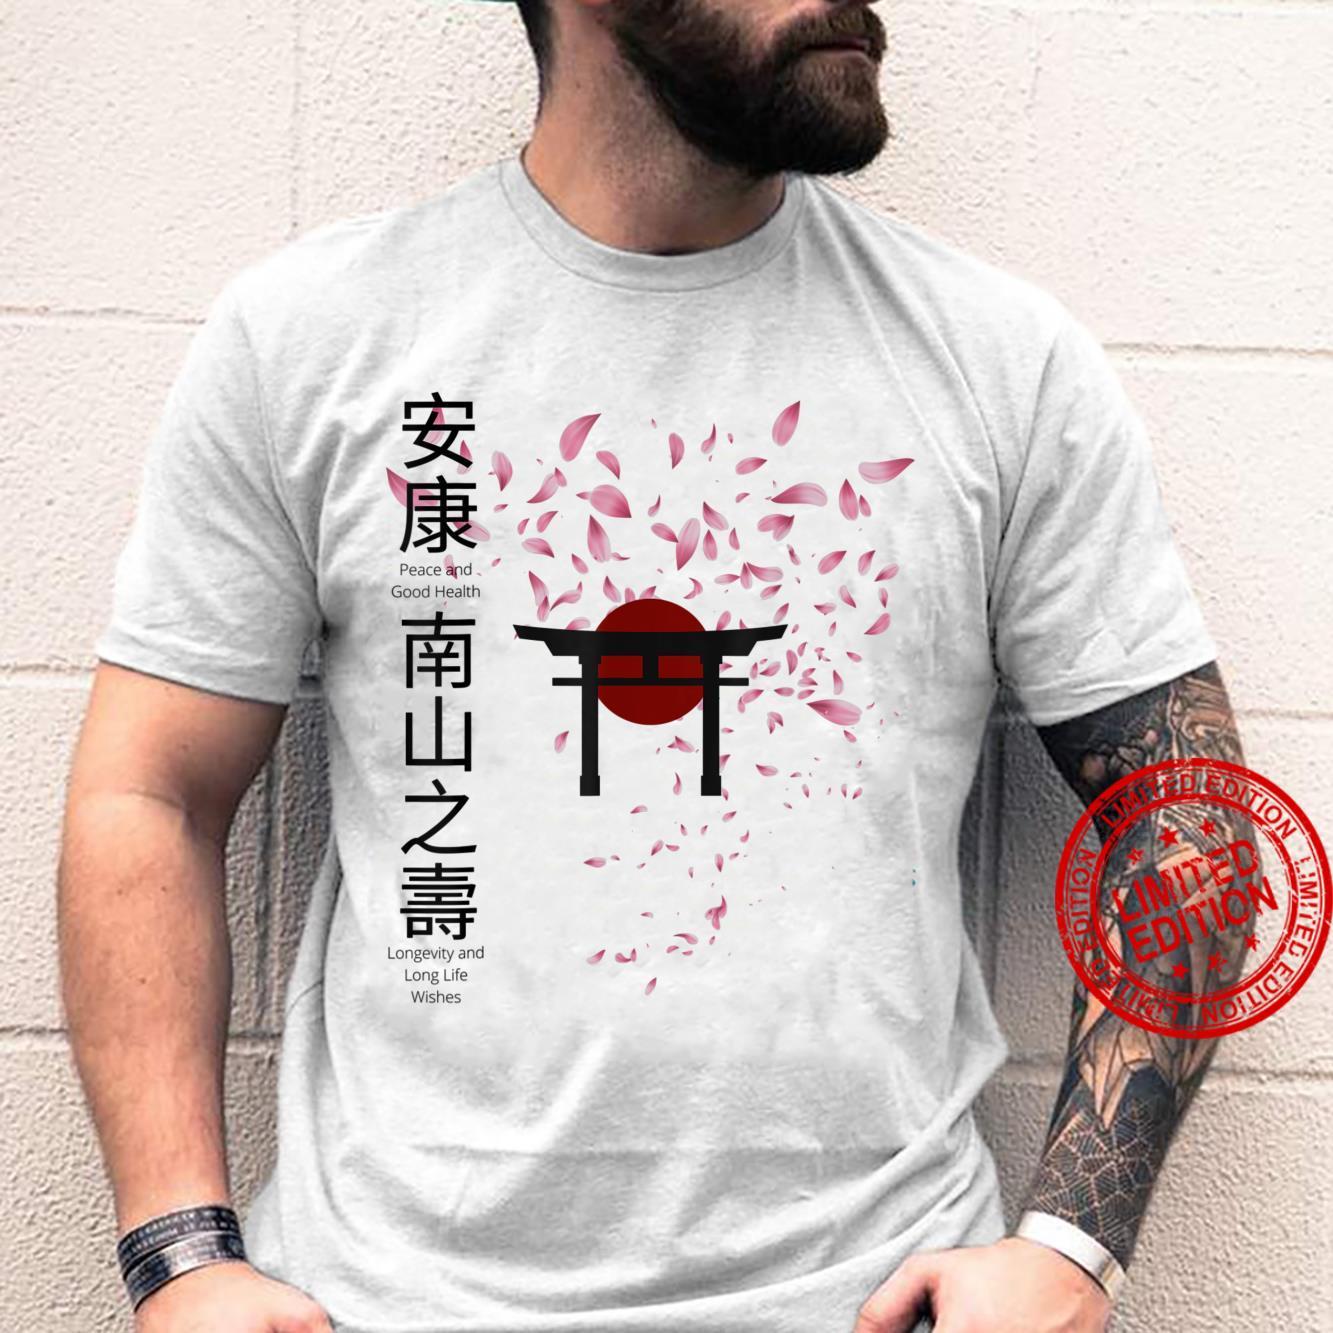 Warrior of the Heart Shirt